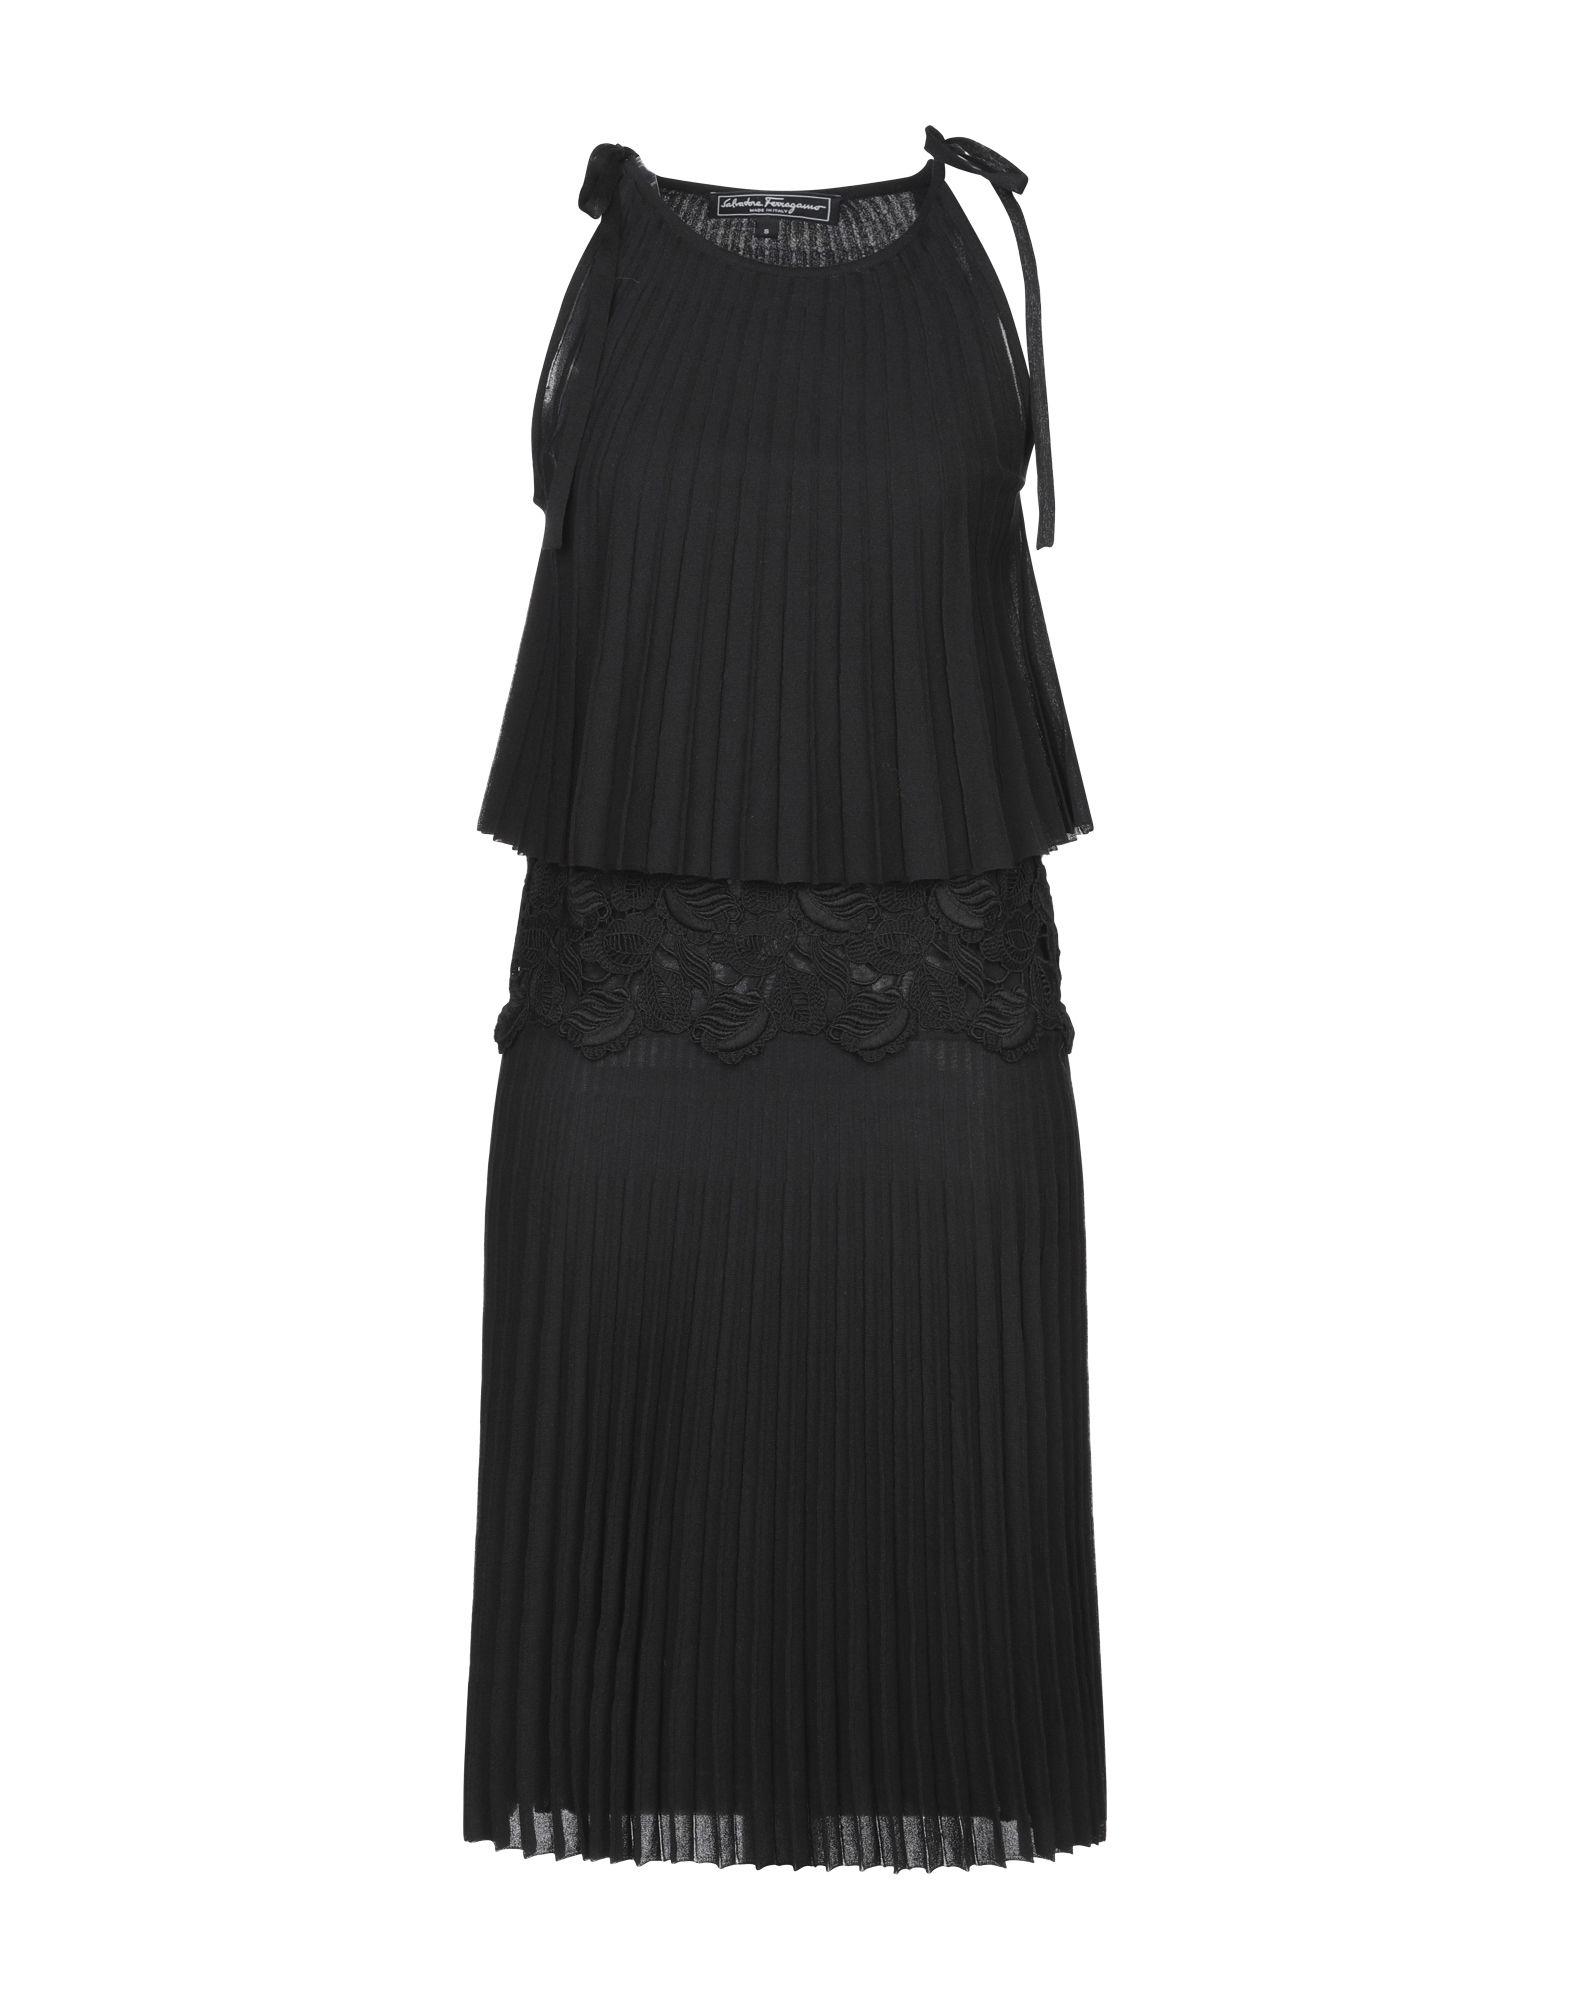 купить SALVATORE FERRAGAMO Платье до колена по цене 55050 рублей